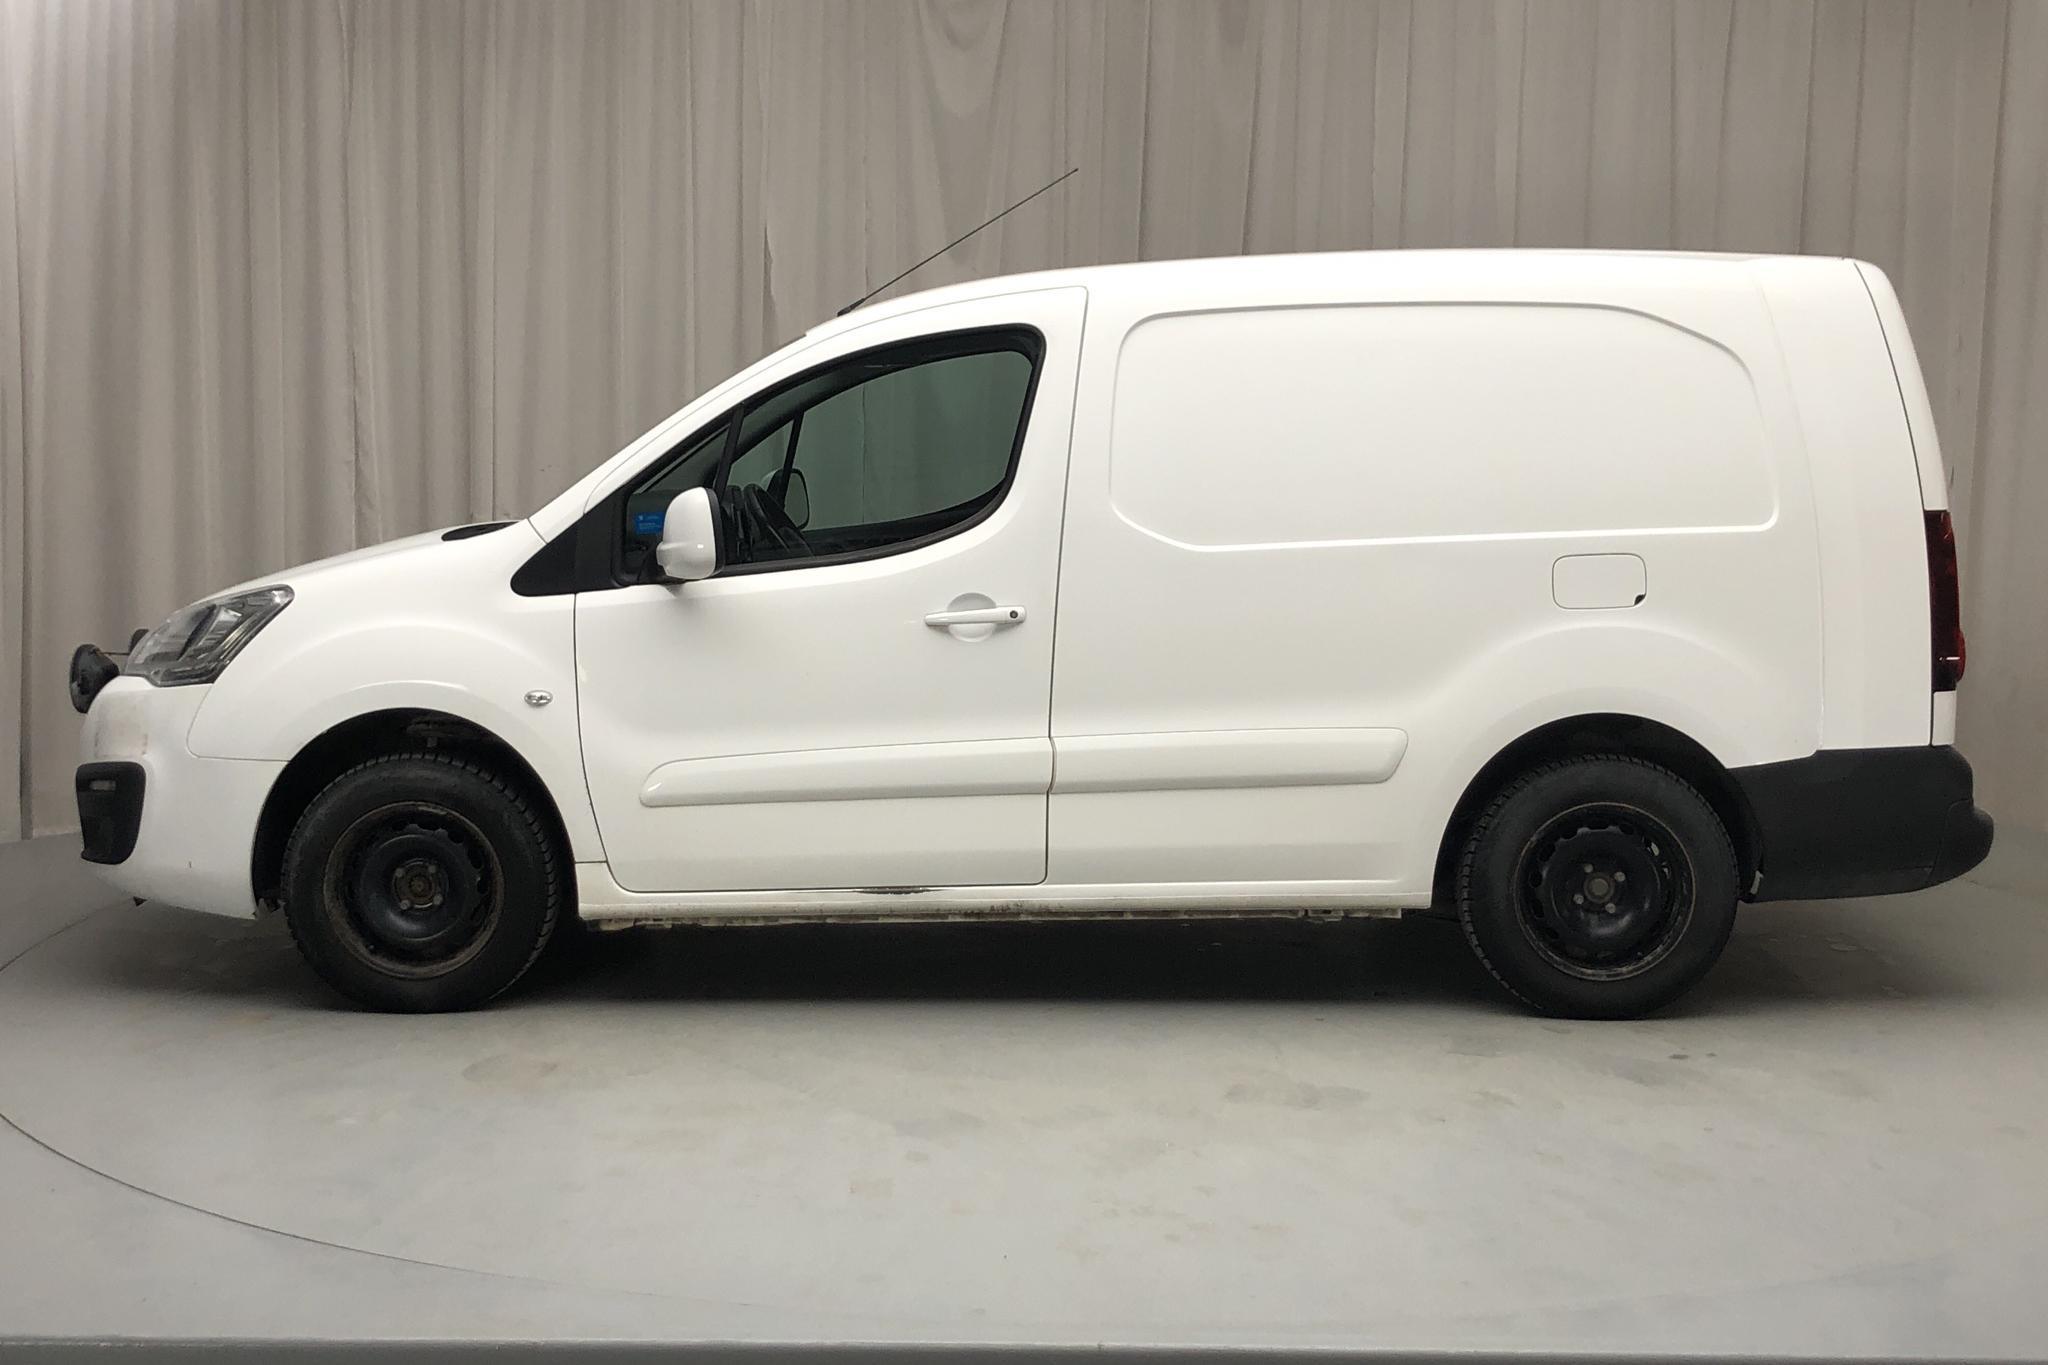 Peugeot Partner 1.6 BlueHDI Skåp (100hk) - 11 980 mil - Manuell - vit - 2017